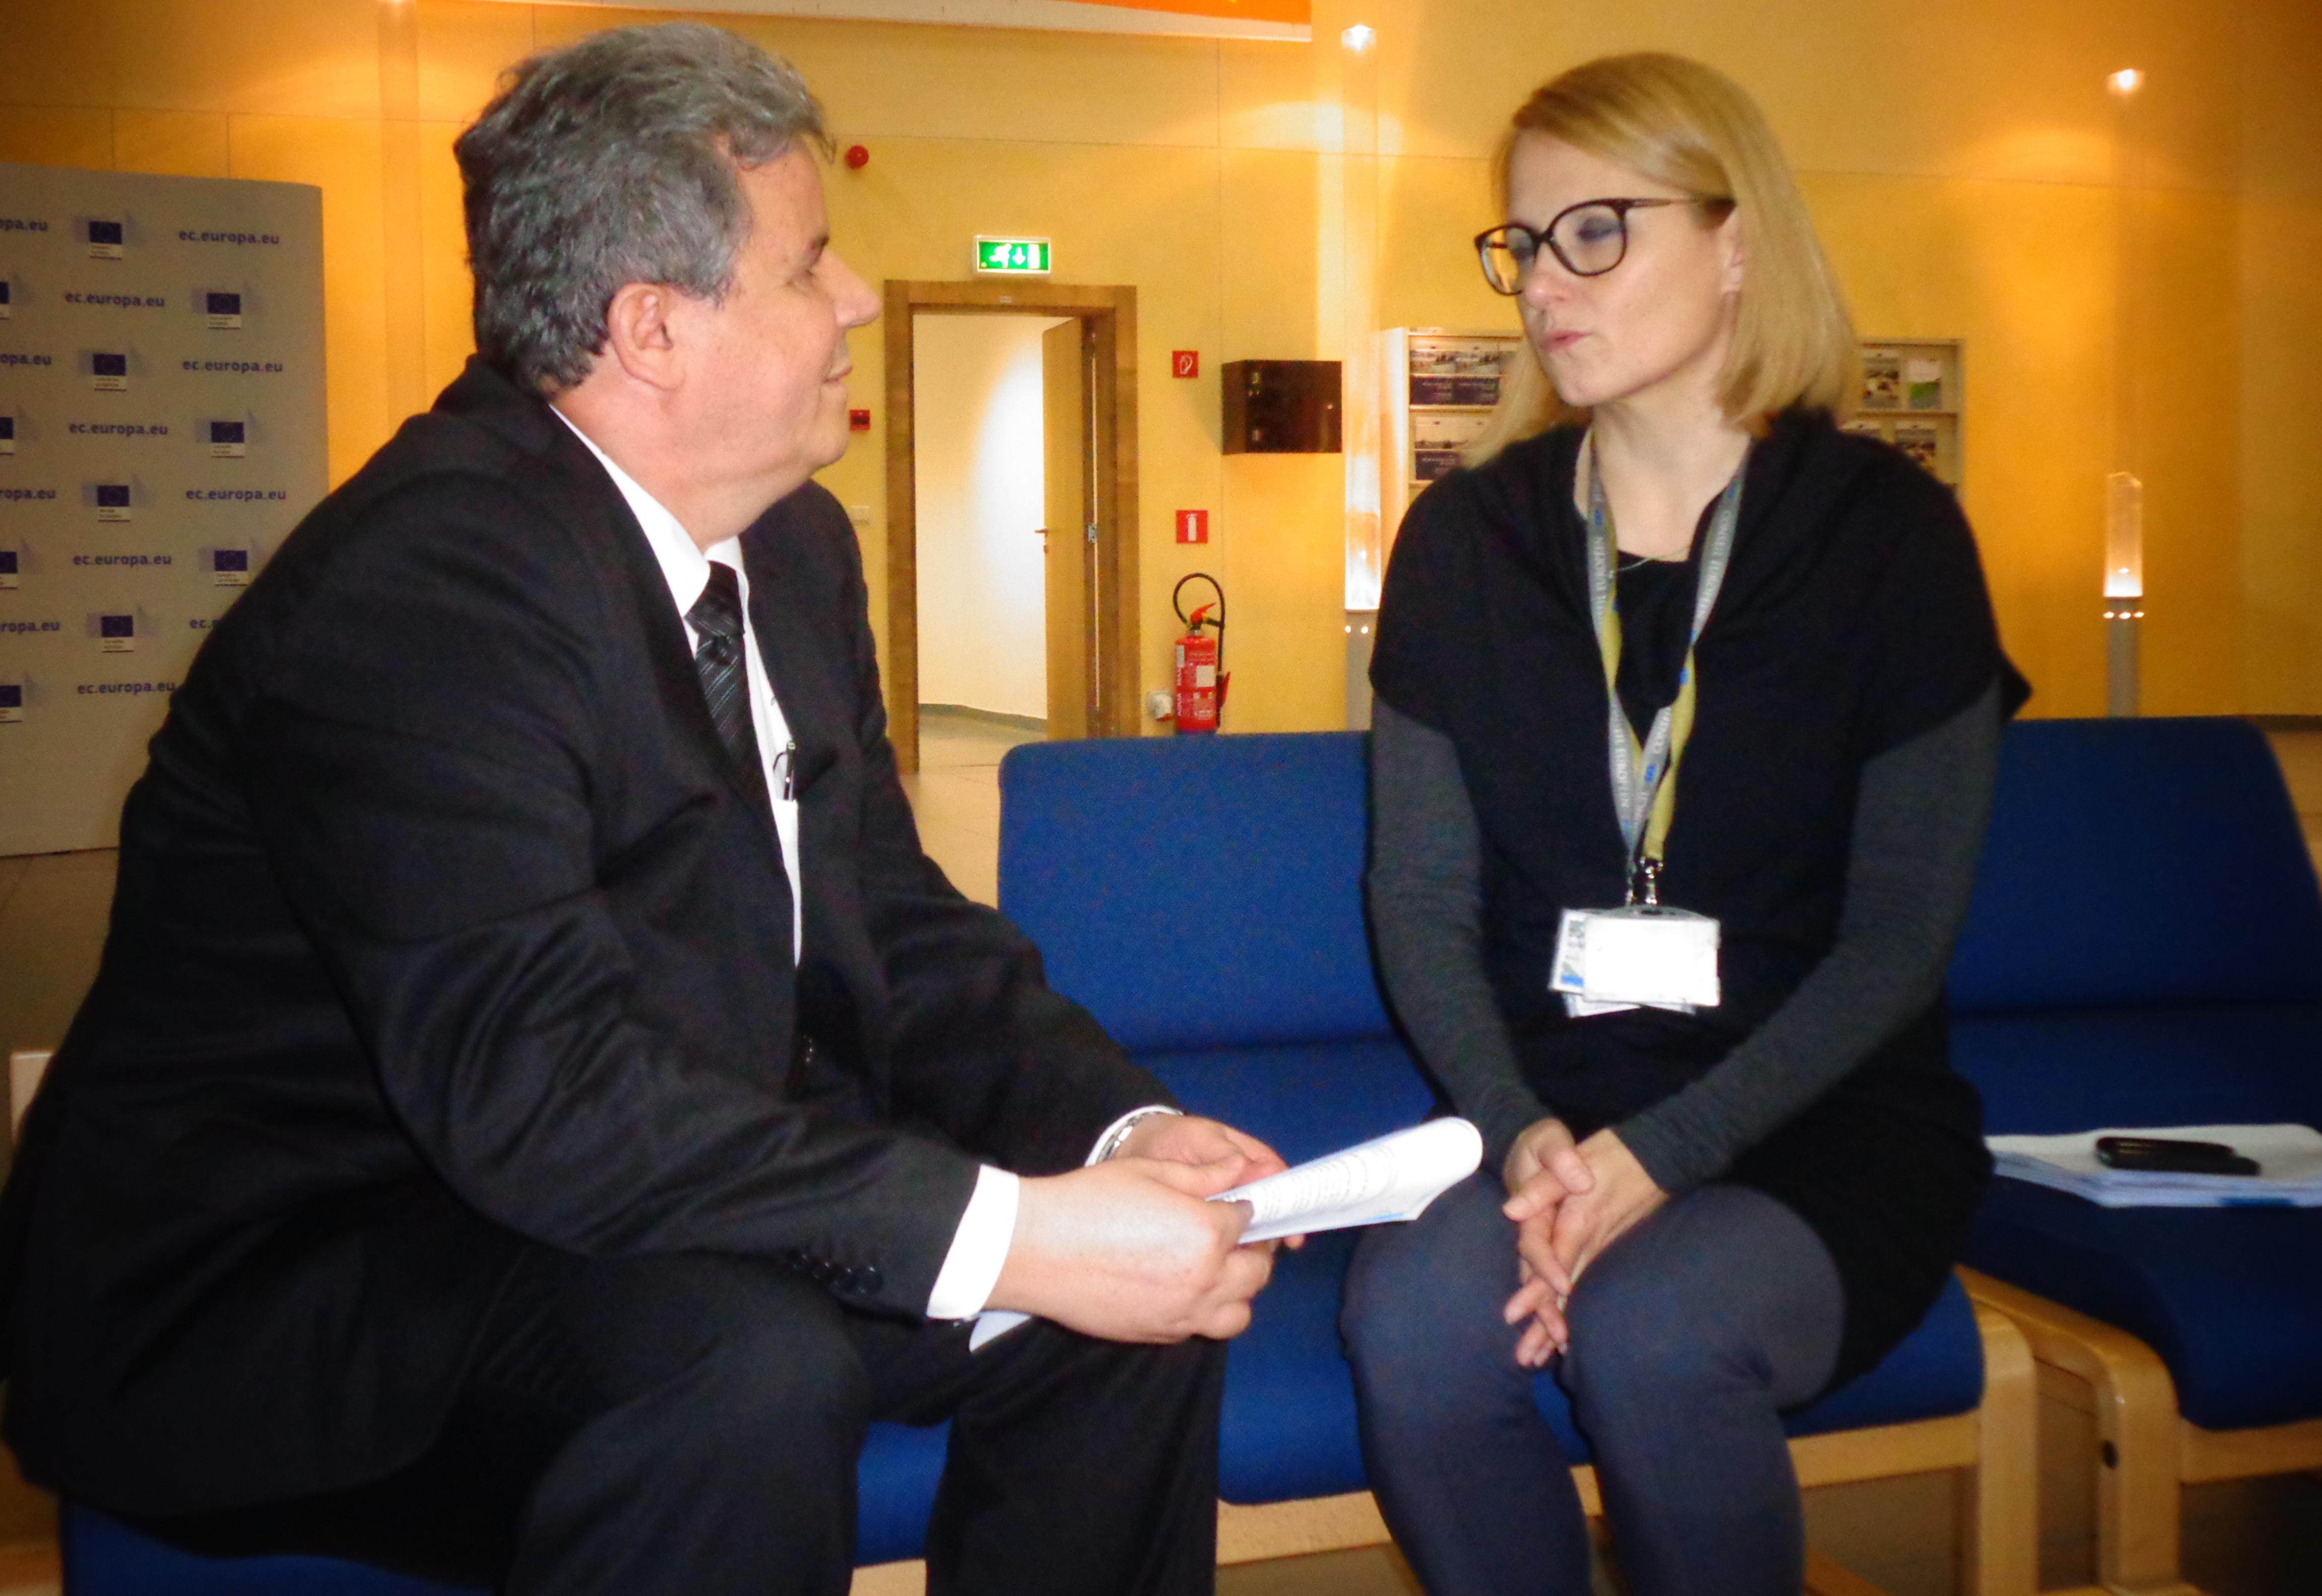 Nesër dhe Presheva në Bruksel  Kocijancic  Varet nga Prishtina nëse do flasin për shqiptarët e Preshevës